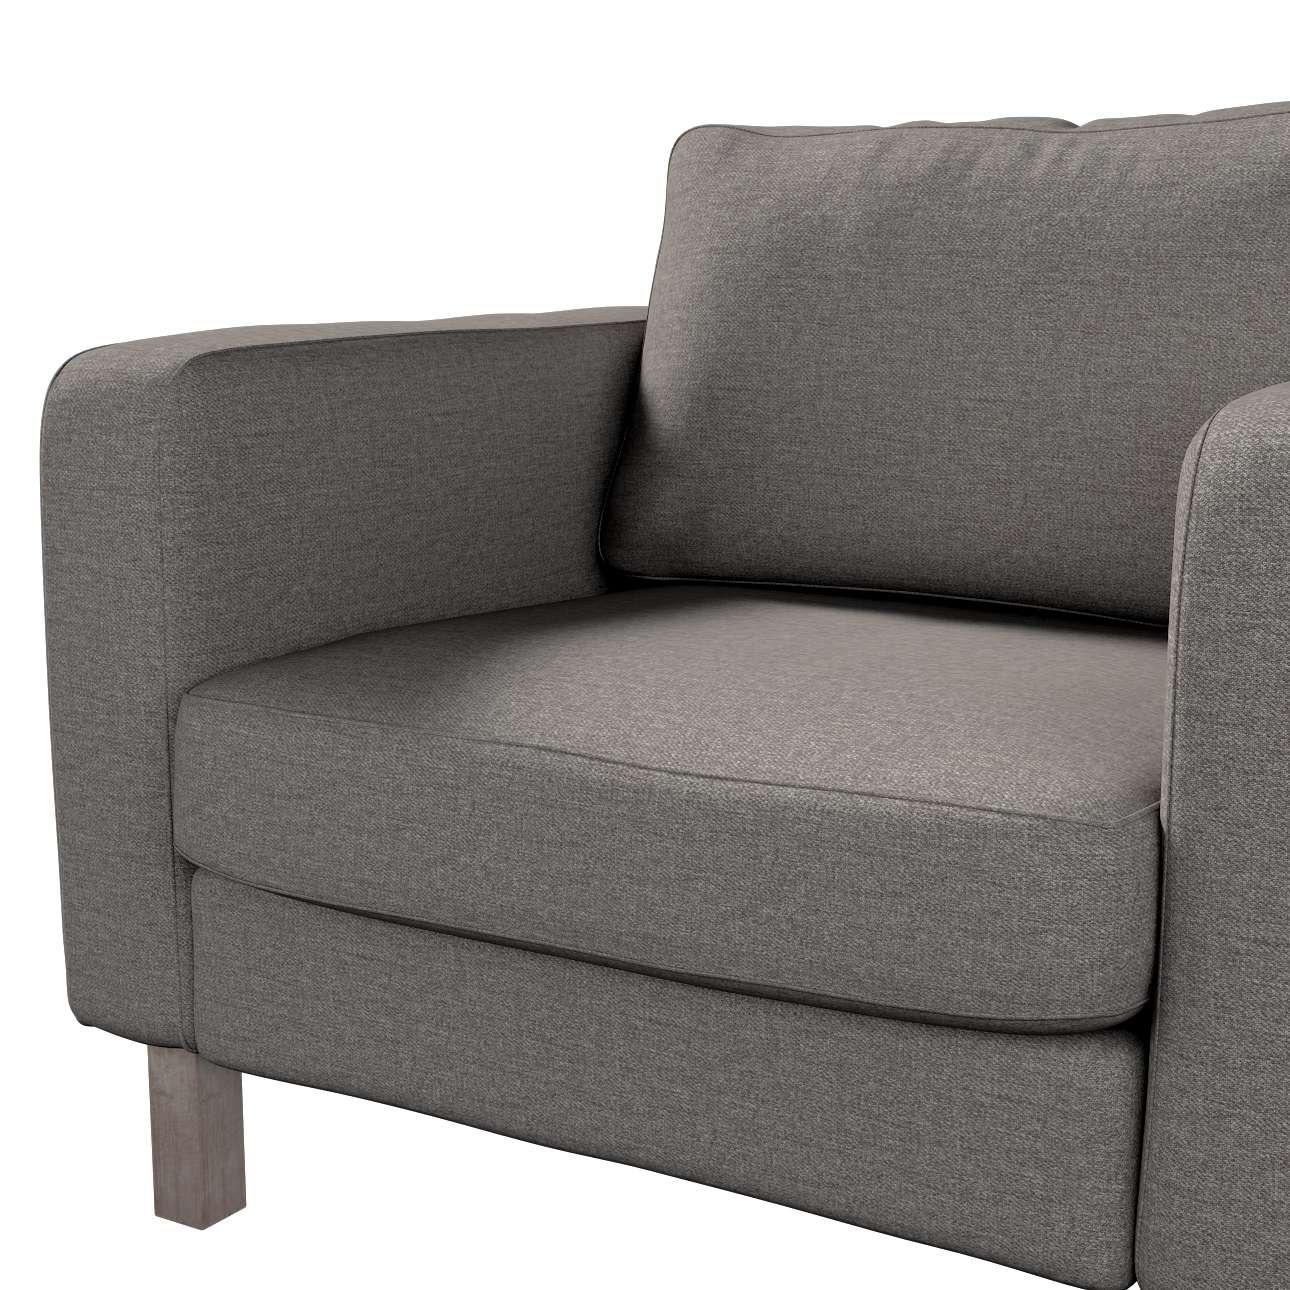 Pokrowiec na fotel Karlstad, krótki w kolekcji Edinburgh, tkanina: 115-77